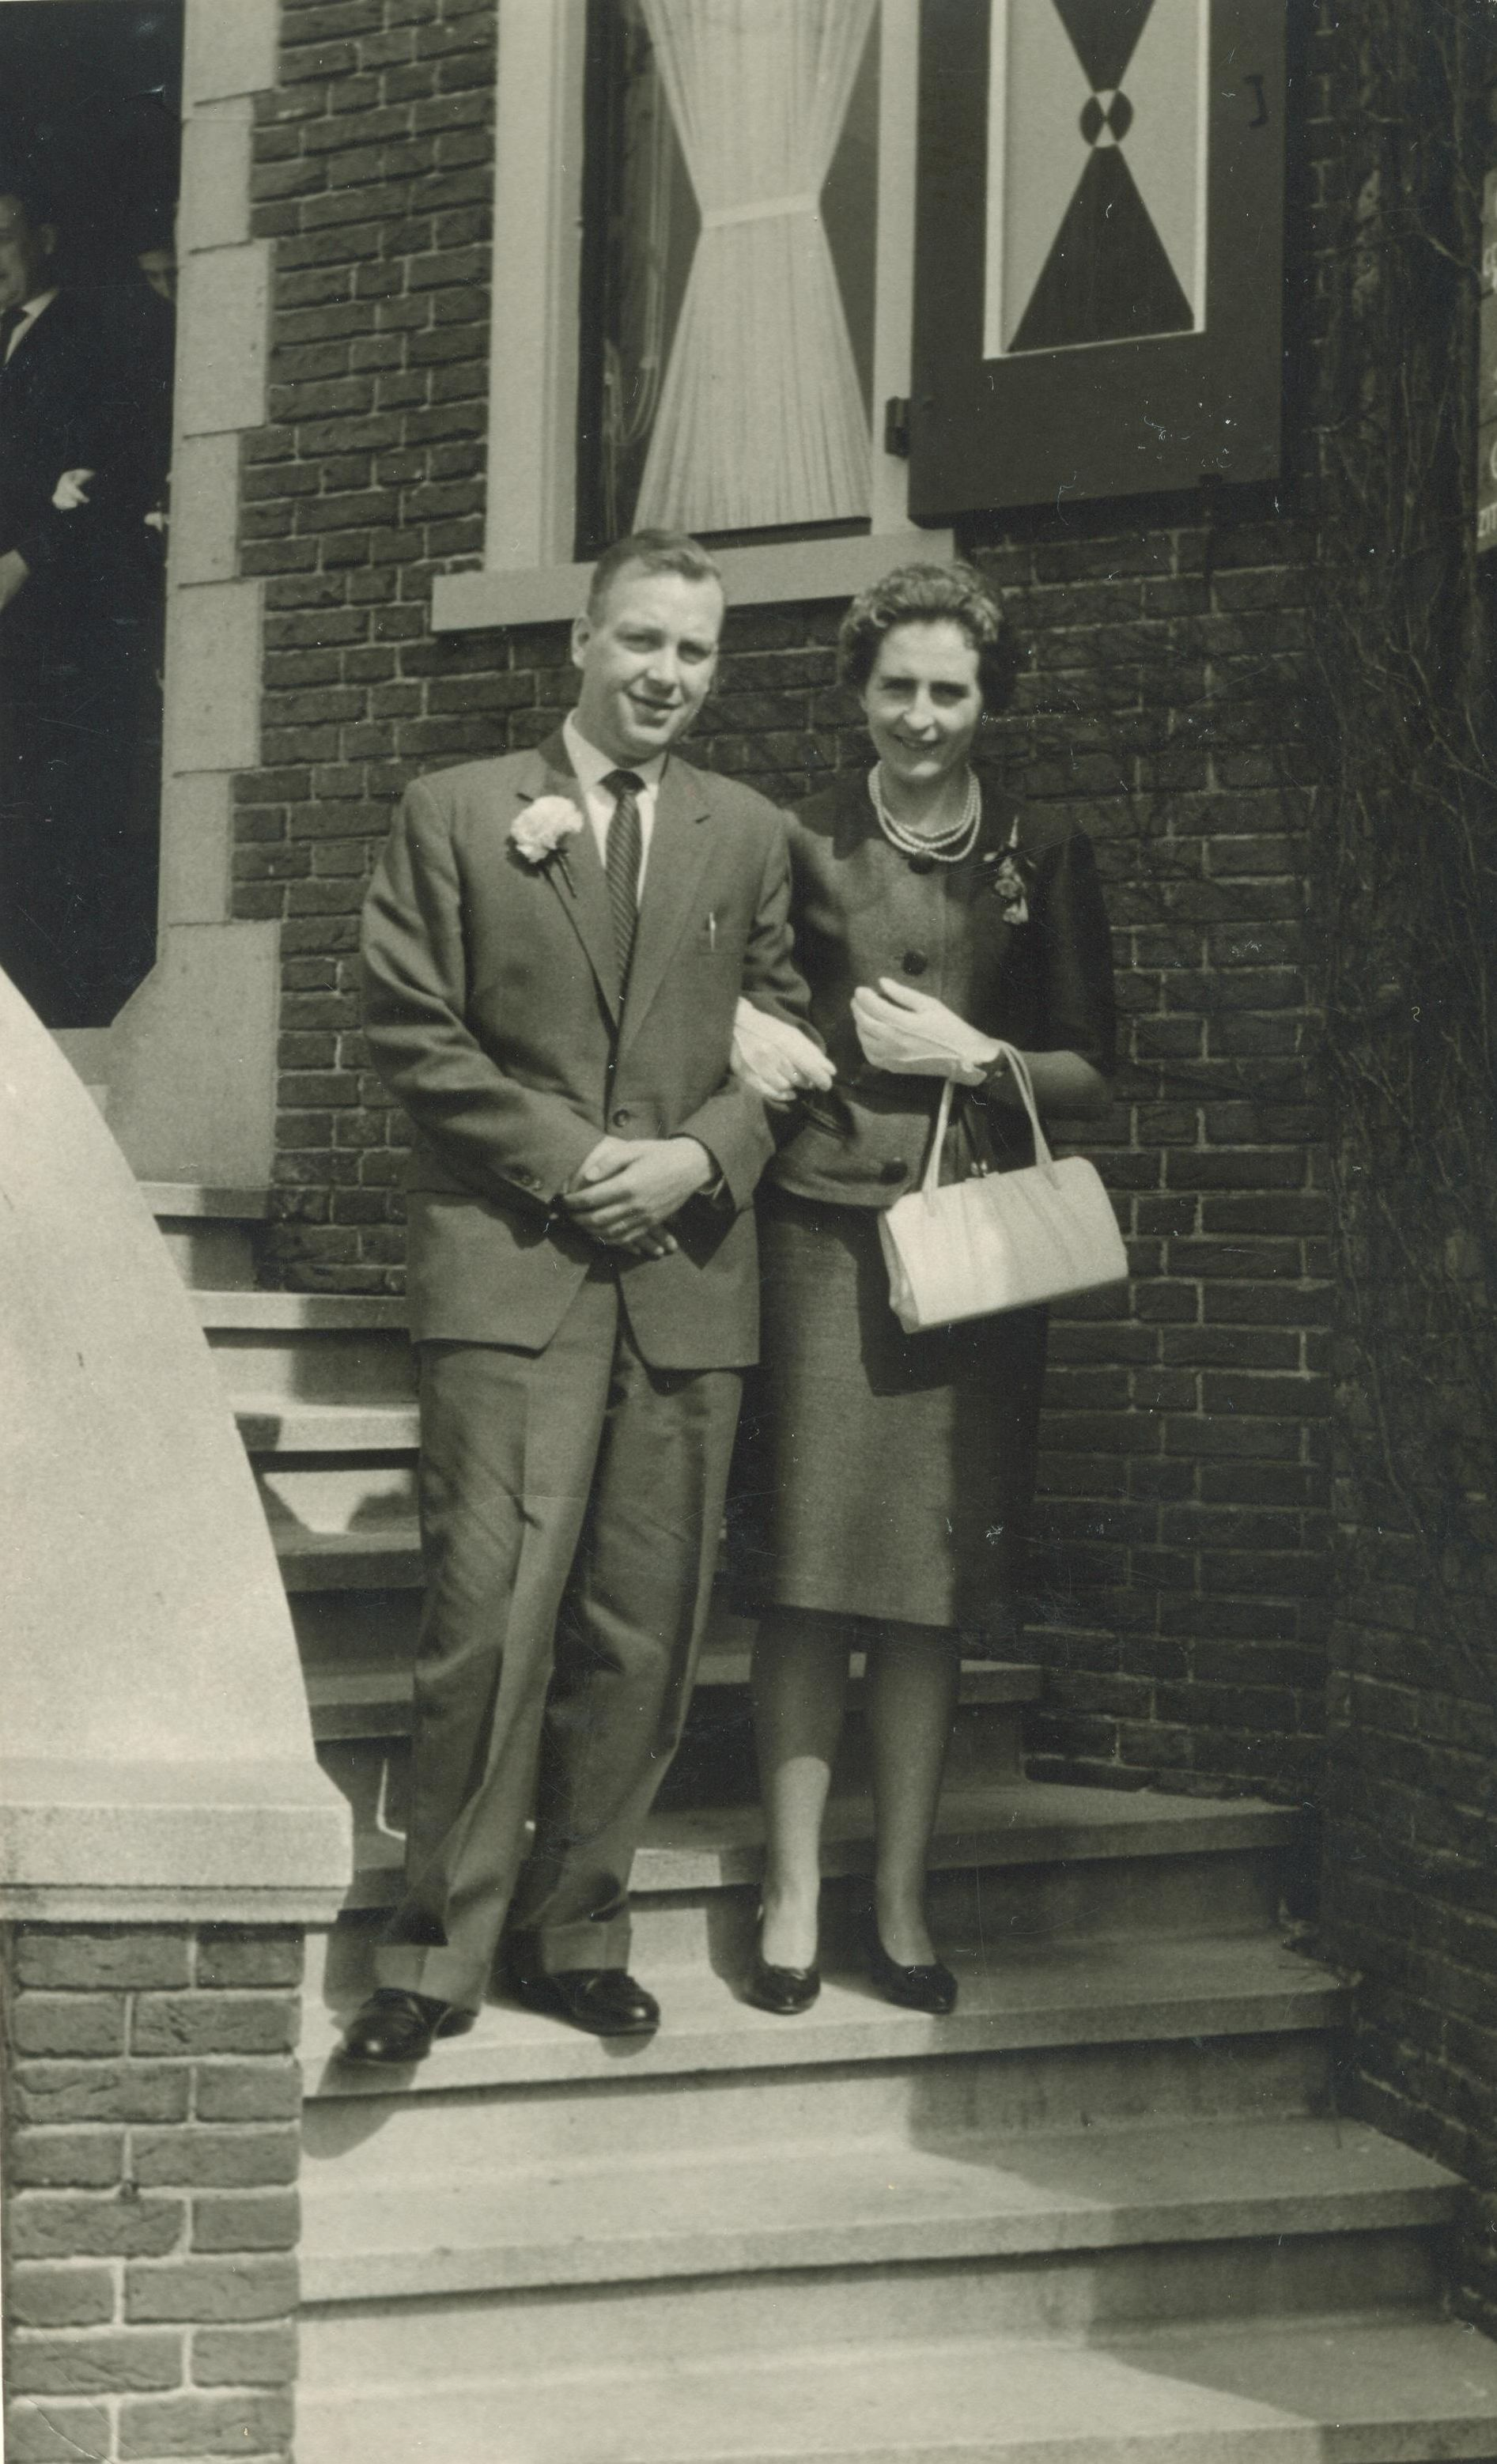 Johannes Pieter Brouwer (1929-2012), Wilhelmina Gijsberta Gaasbeek (1929-2005)